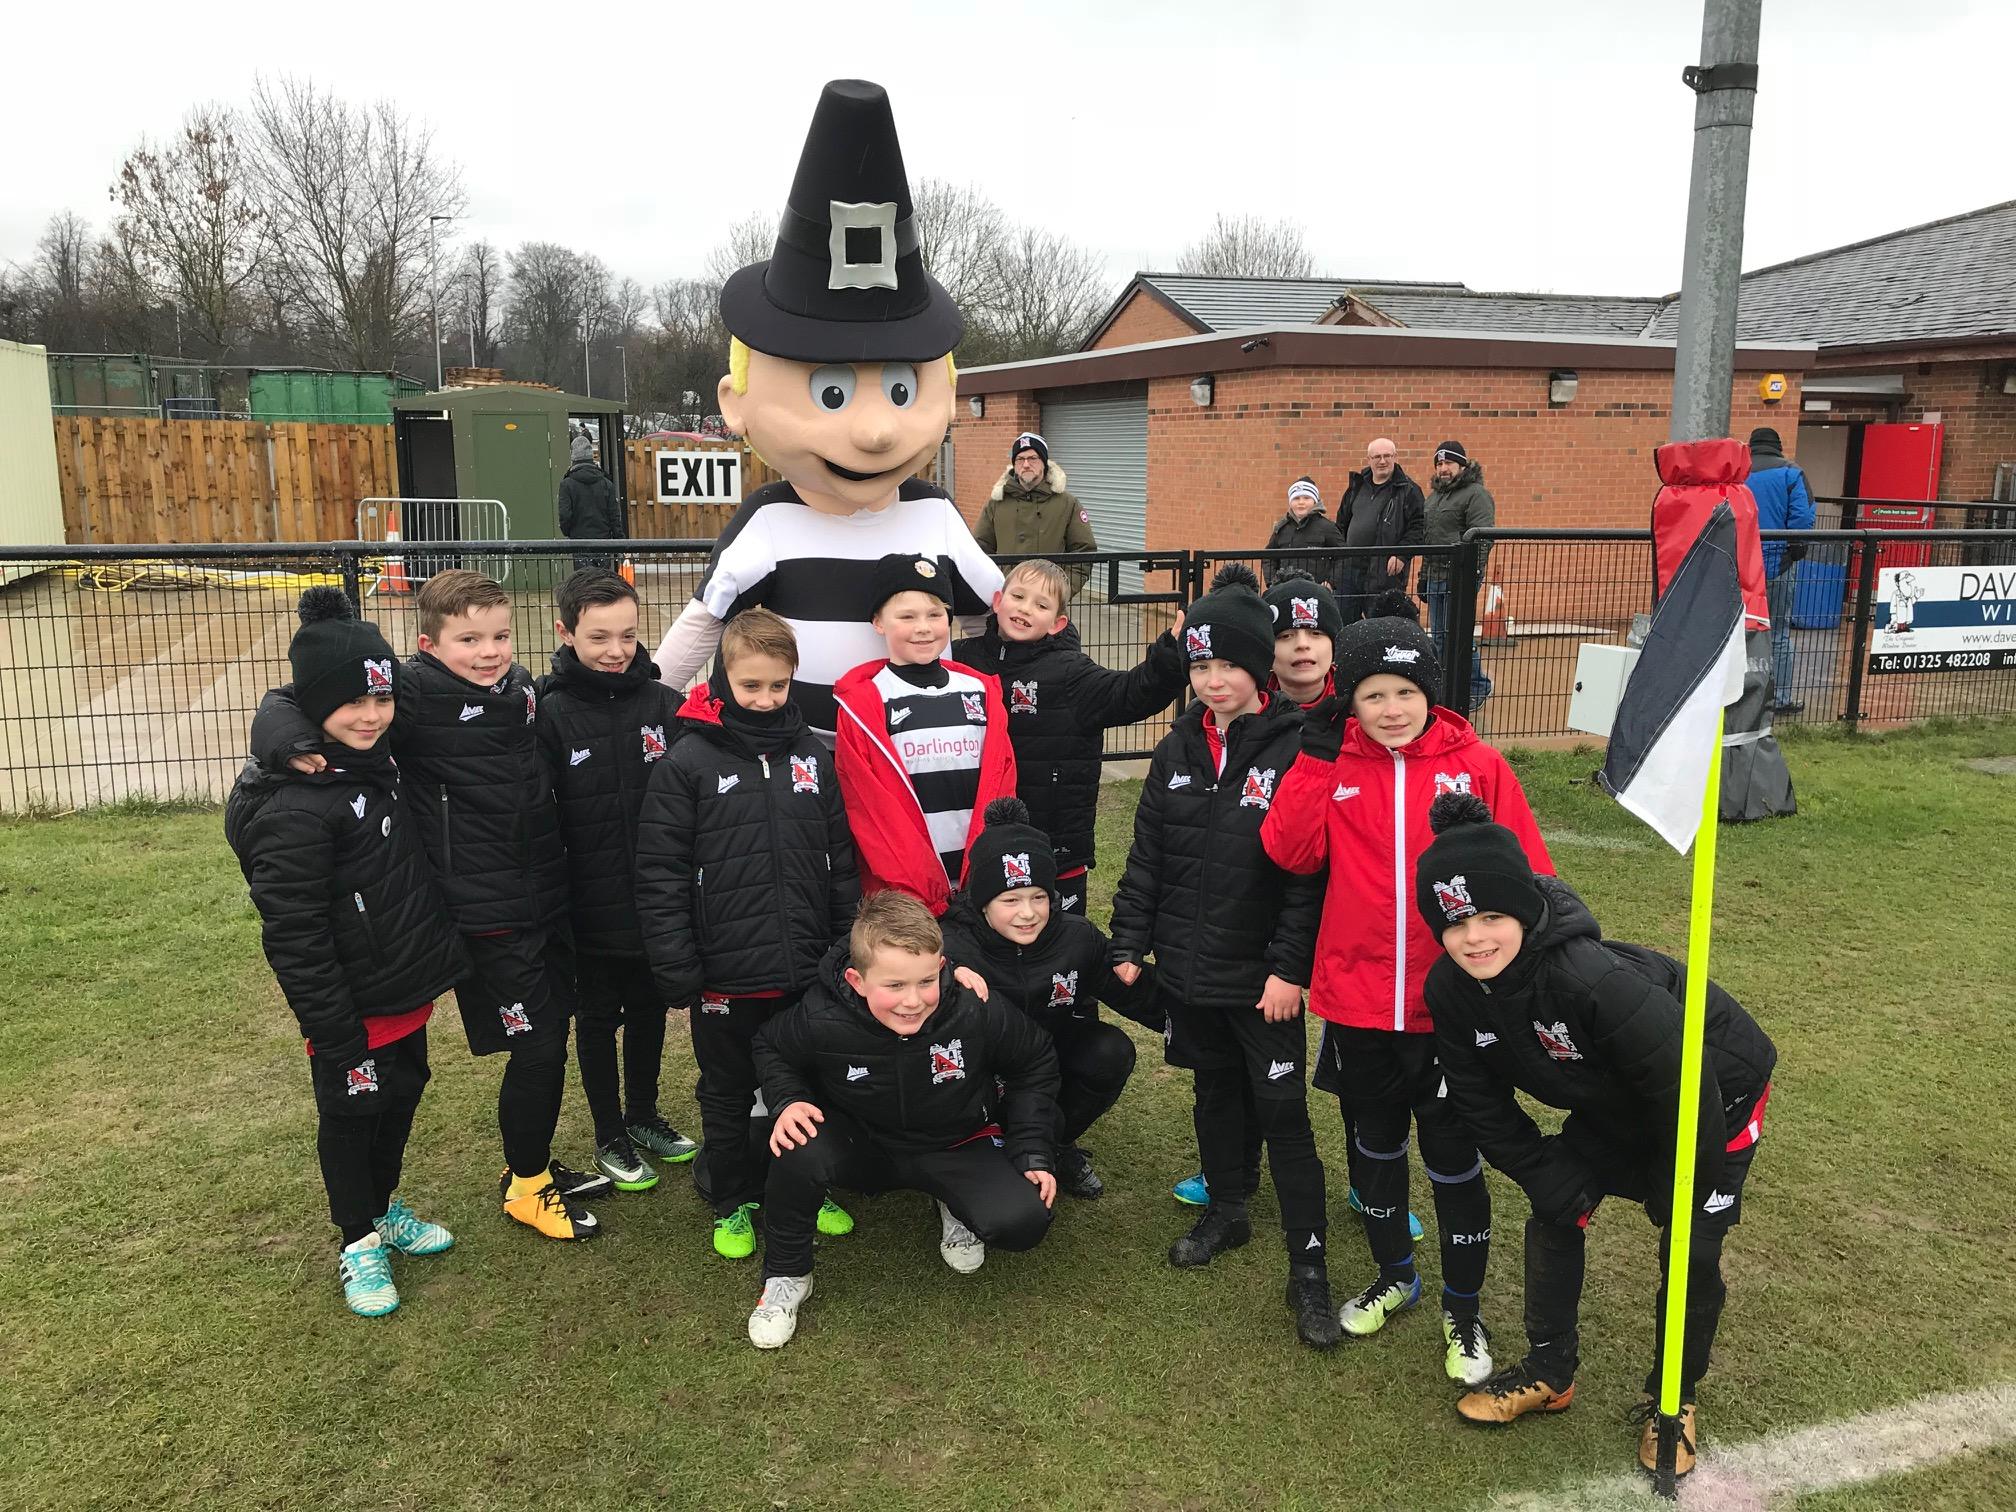 Mr Q makes successful return debut - News - Darlington Football Club